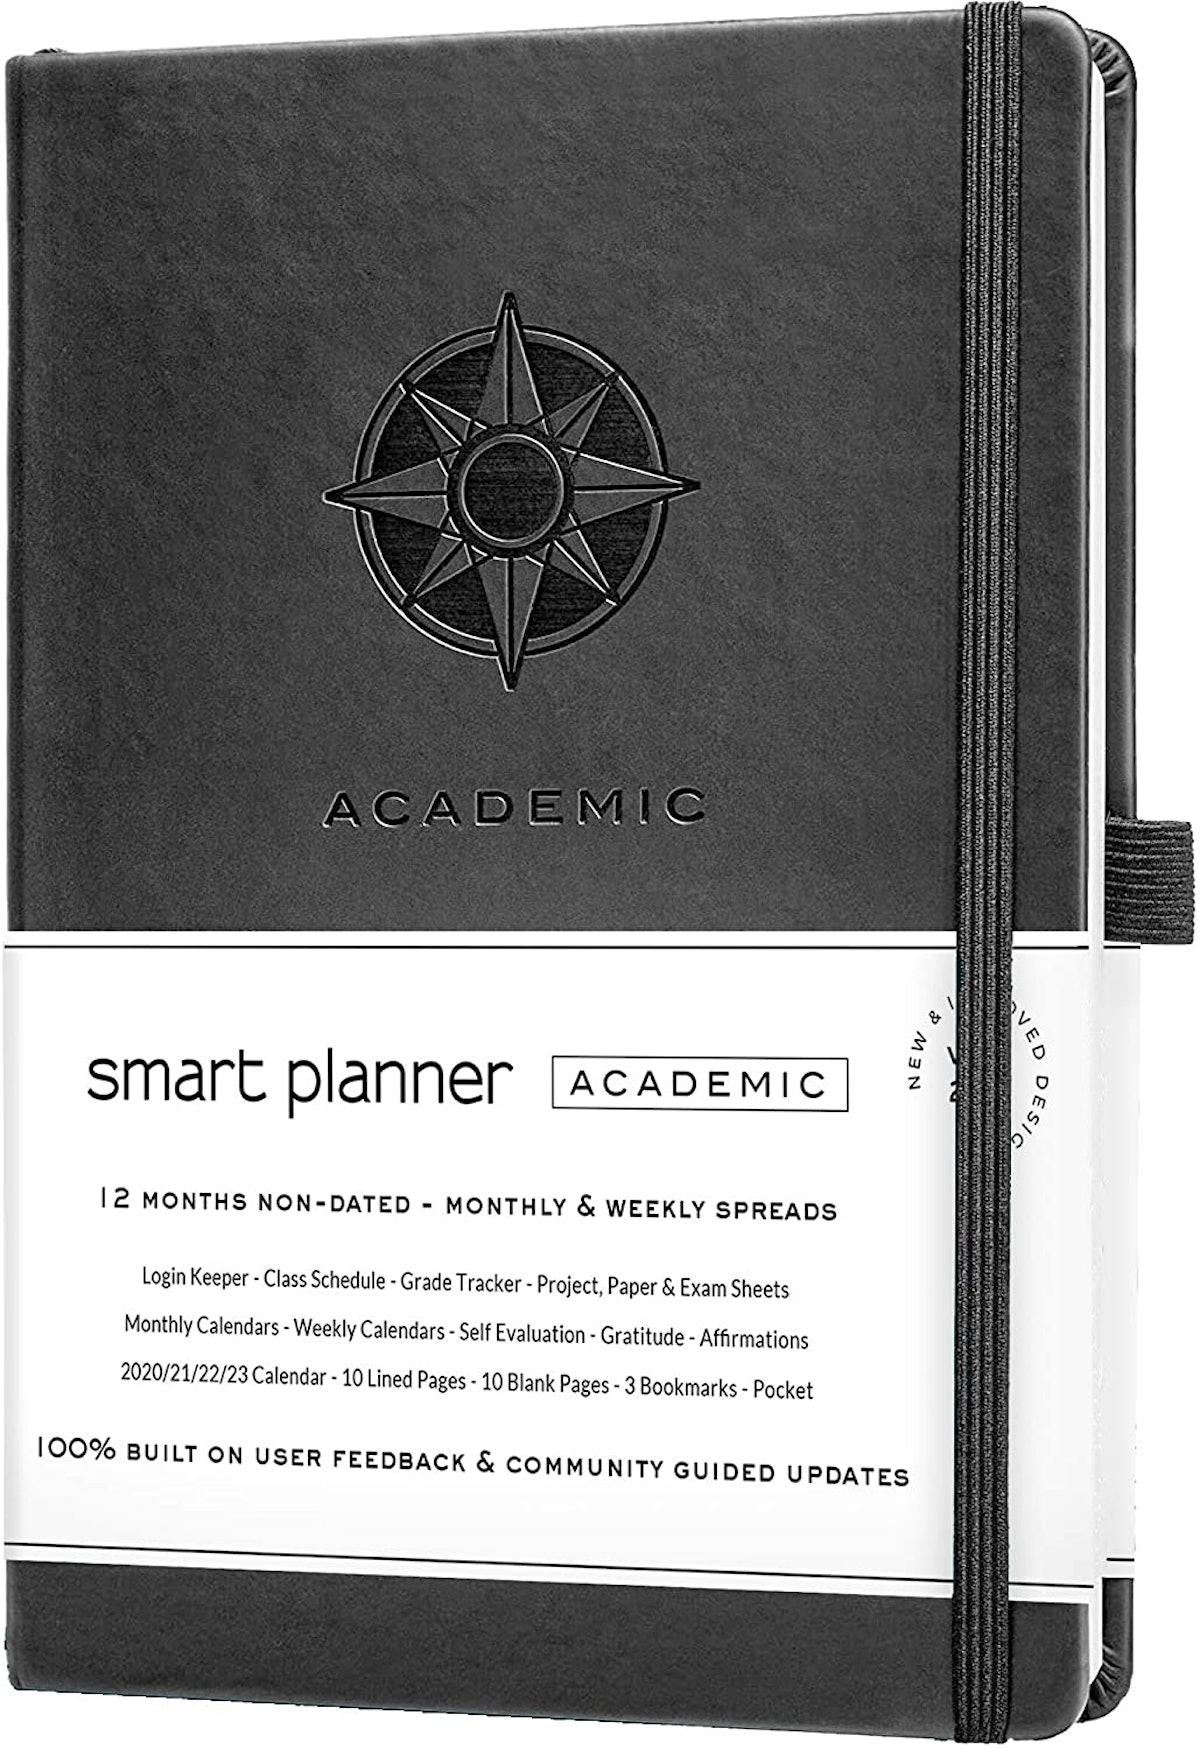 Smart Planner Undated Student Planner